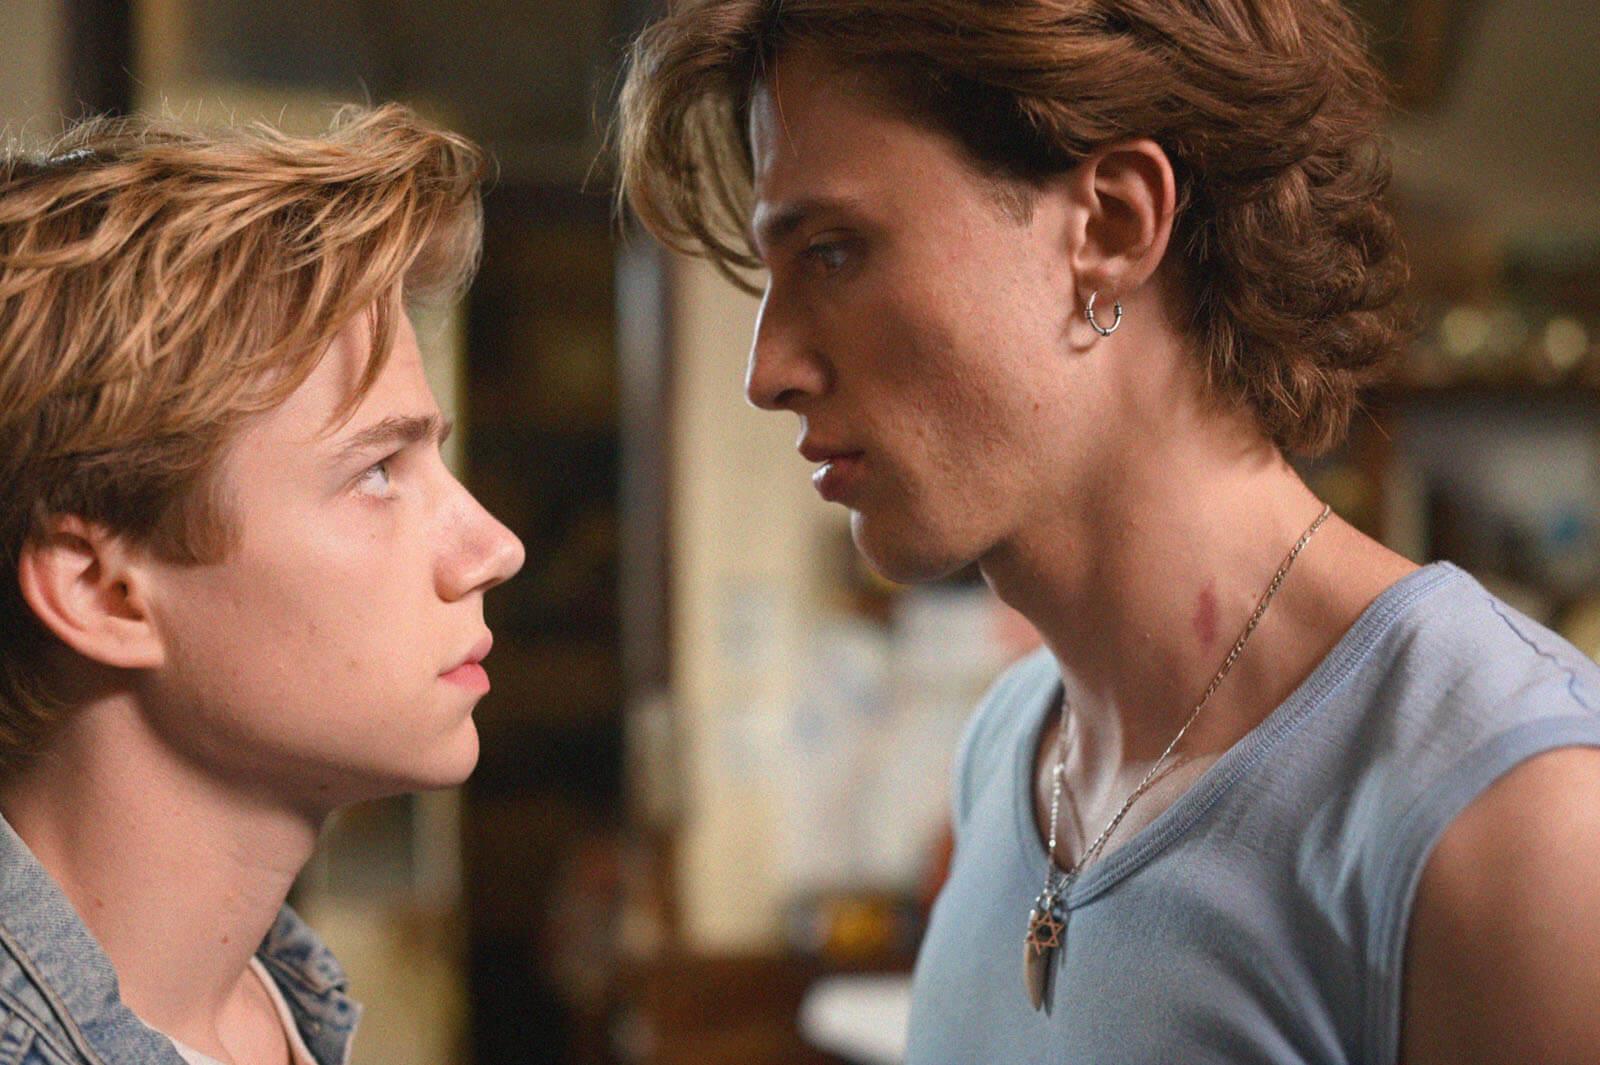 Cena do filme Verão de 85. Nela, dois adolescentes brancos se encaram, com cara de poucos amigos e um ar de nervoso.